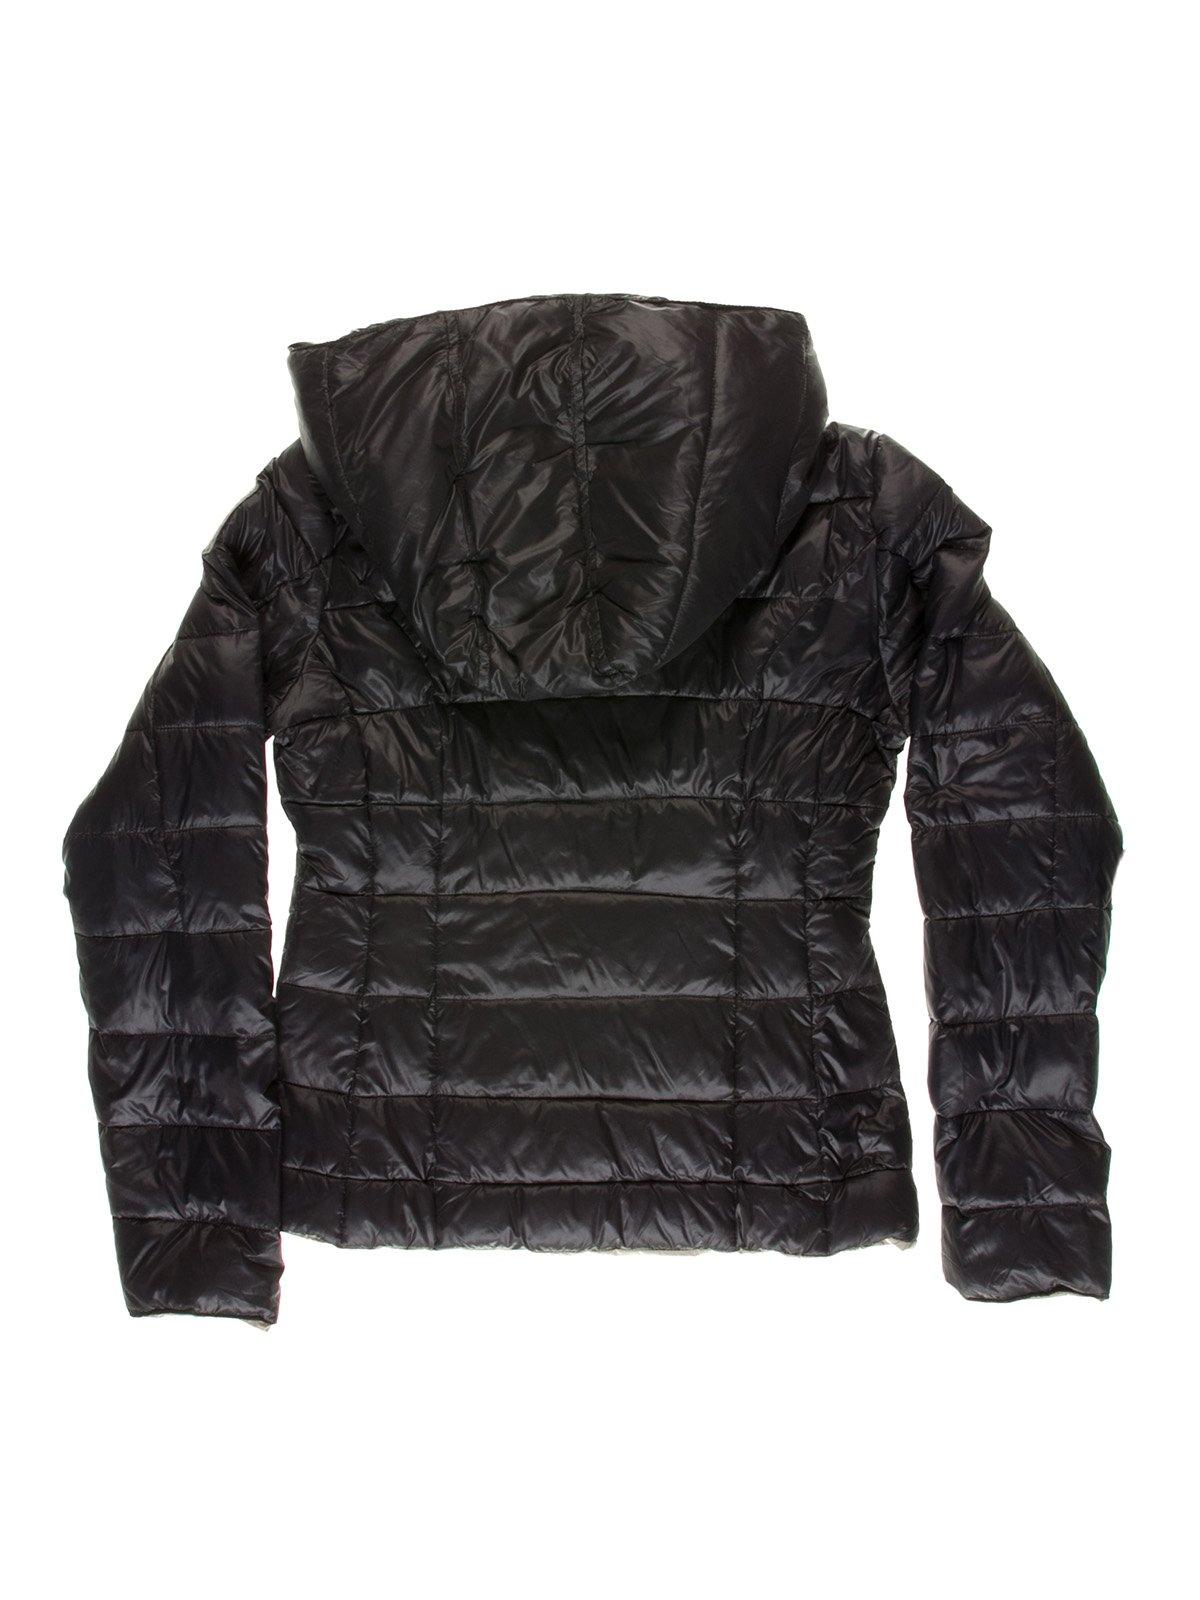 Куртка темно-серая   3096954   фото 3